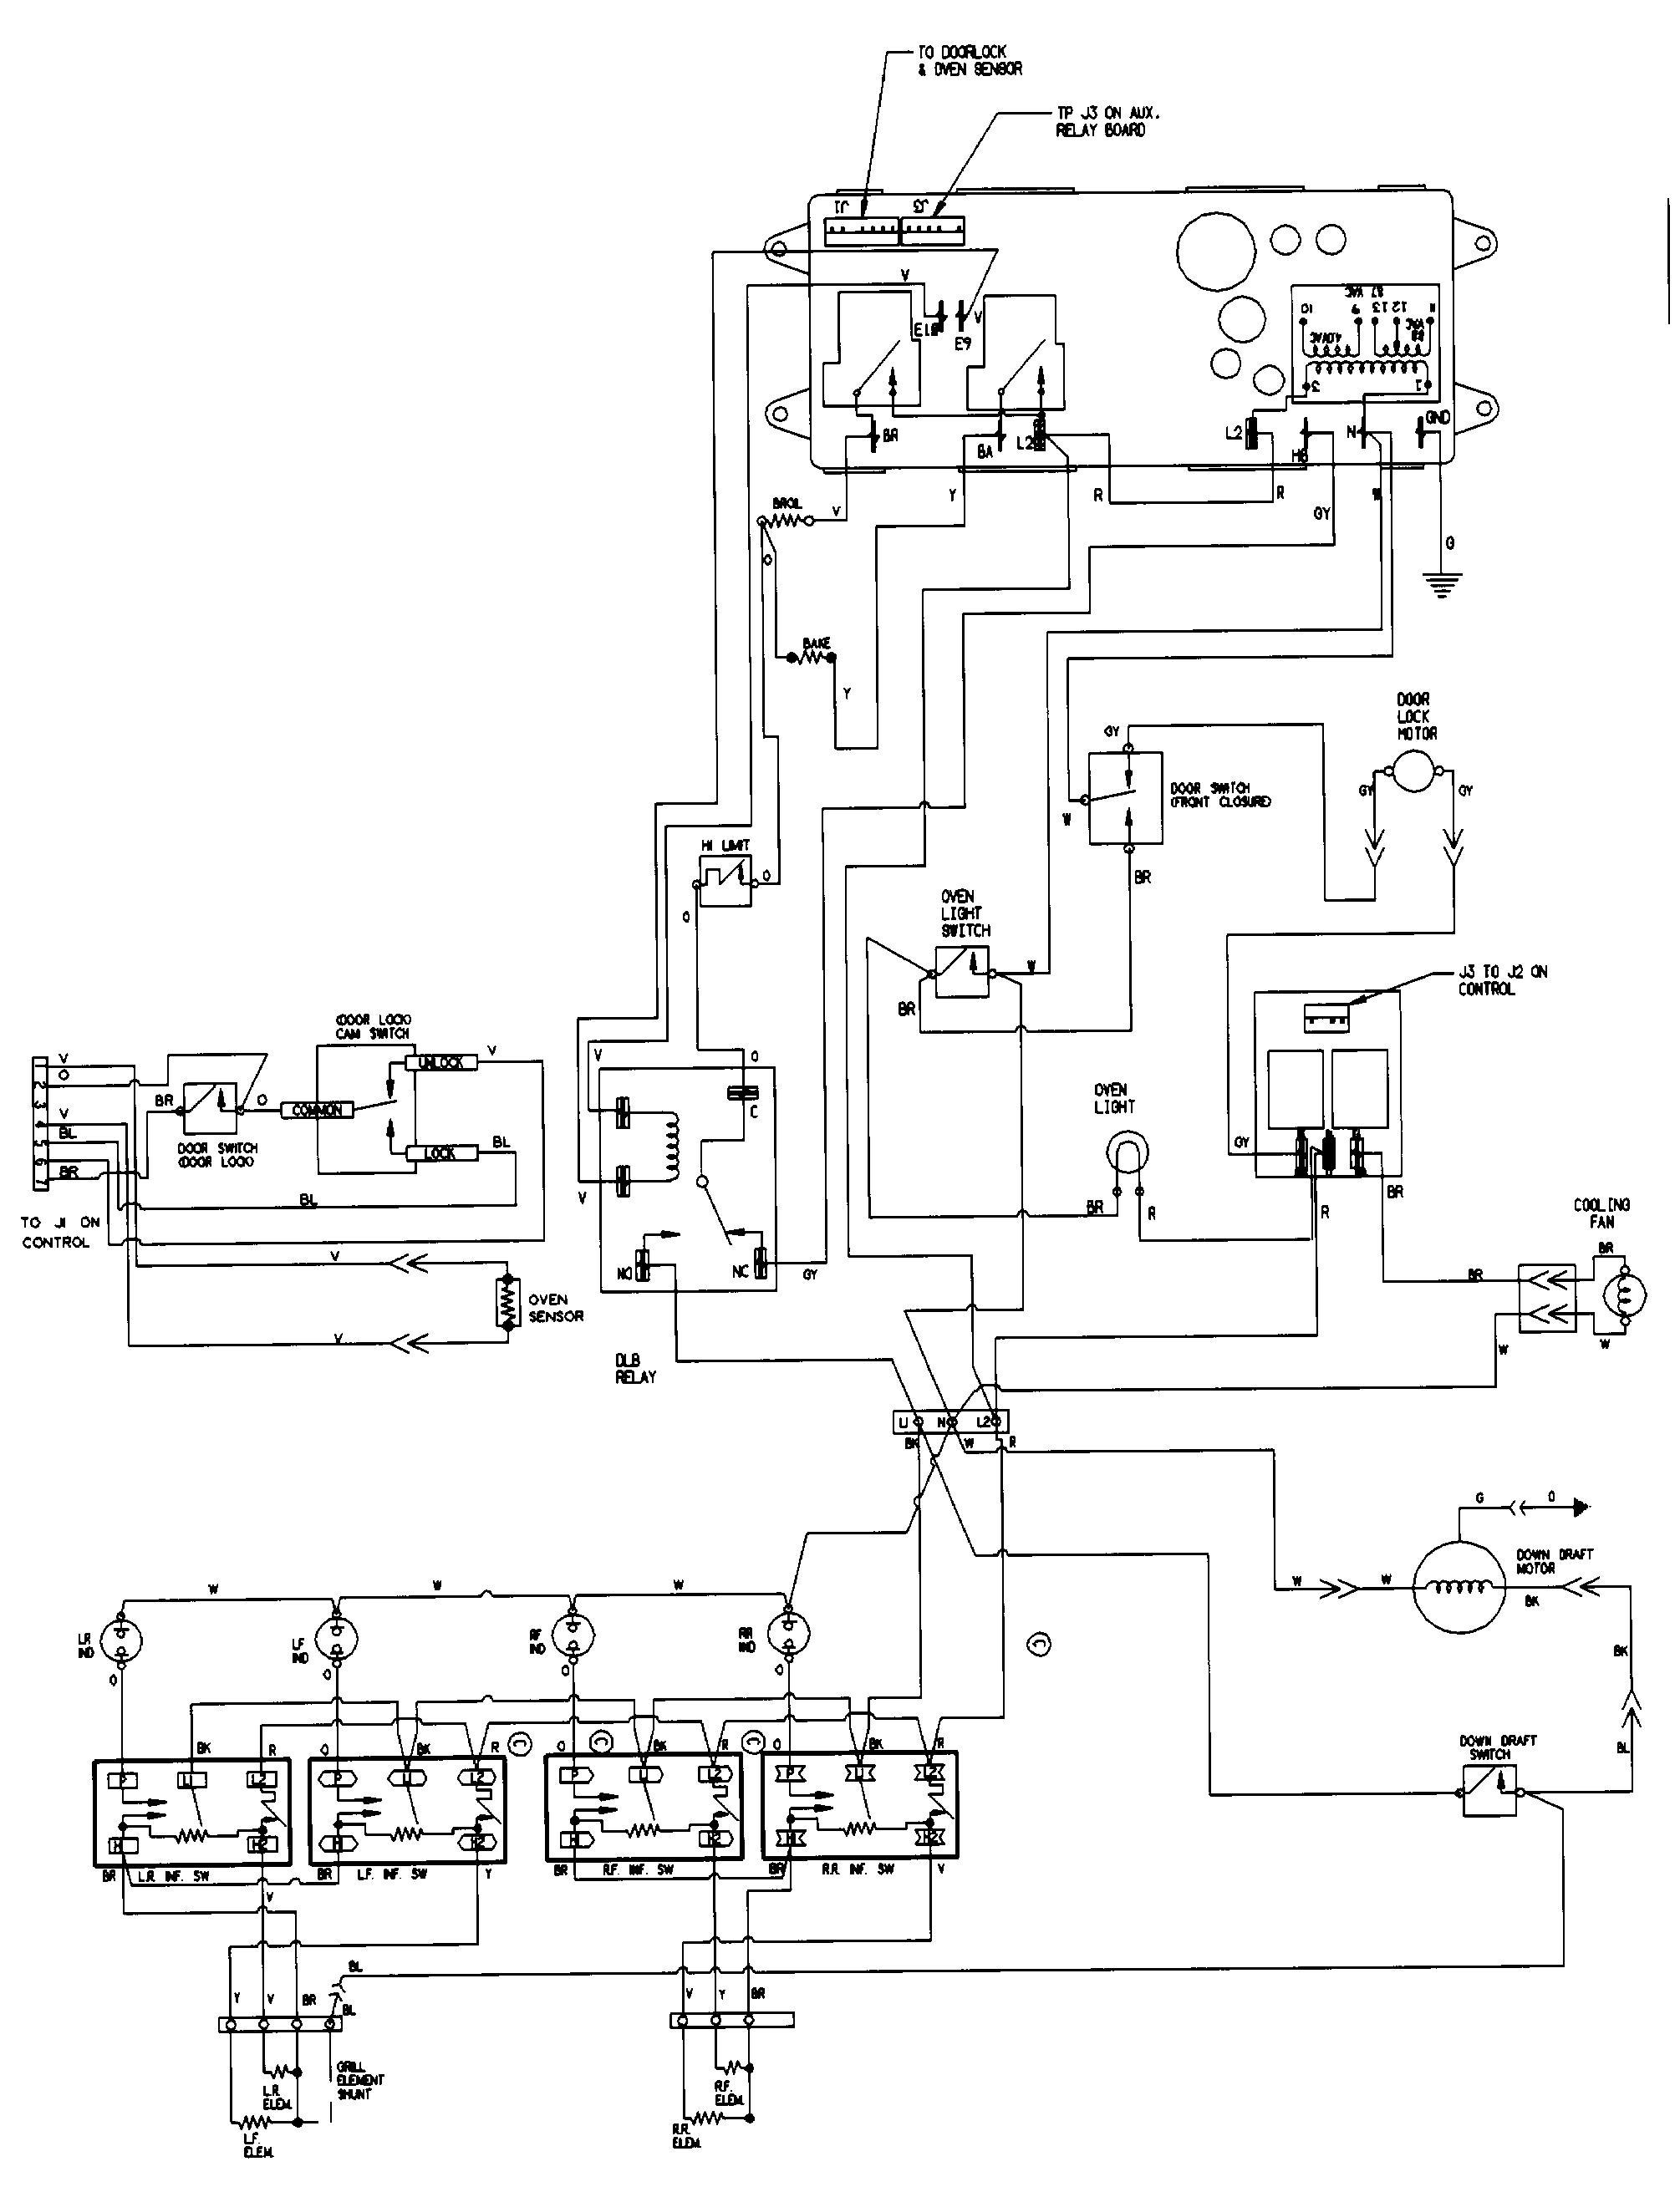 Clymer Honda Mt 250 Wiring Diagram Schematic Diagrams 50 St1100 Schematics Suzuki